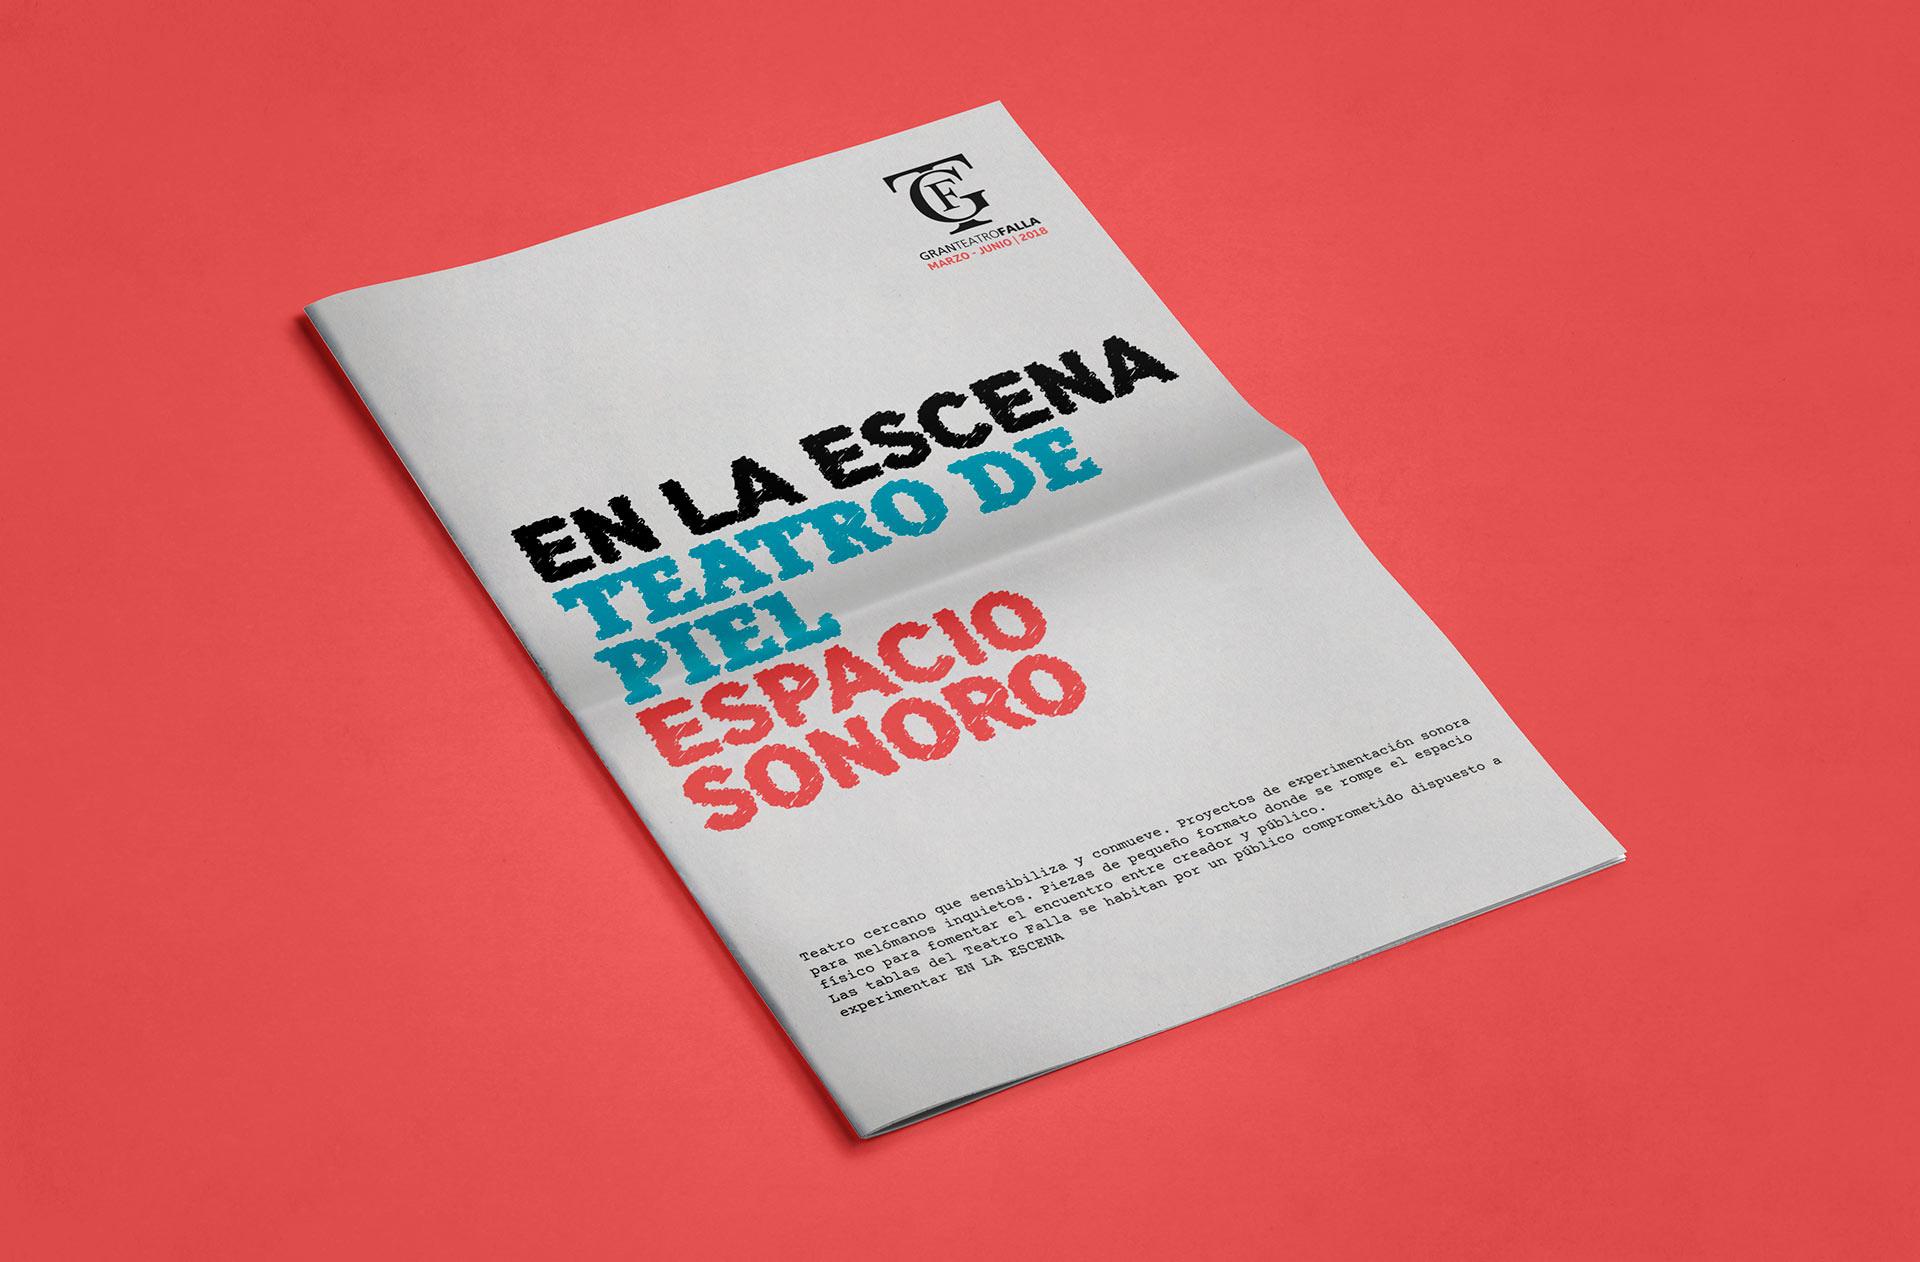 Gaceta portada - Diseño editorial de la gaceta del Gran Teatro Falla (Marzo - Junio 2018)